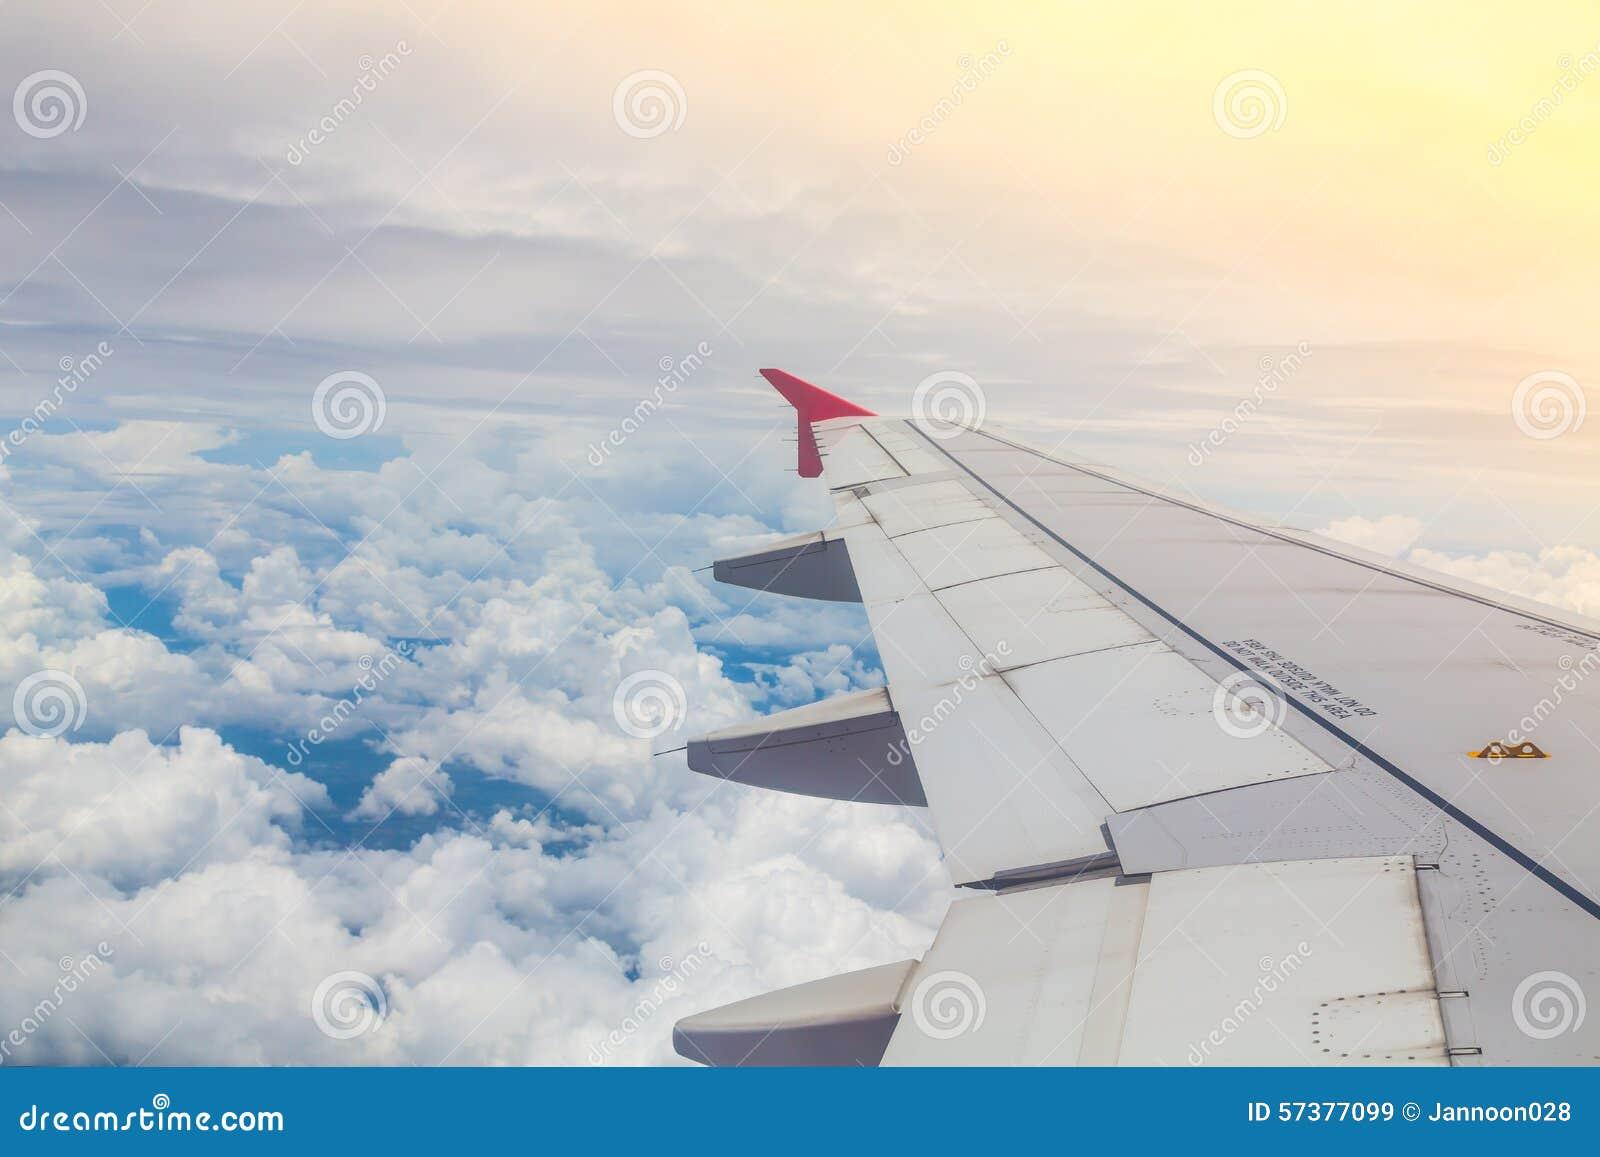 Vleugel van een vliegtuig die hierboven vliegen